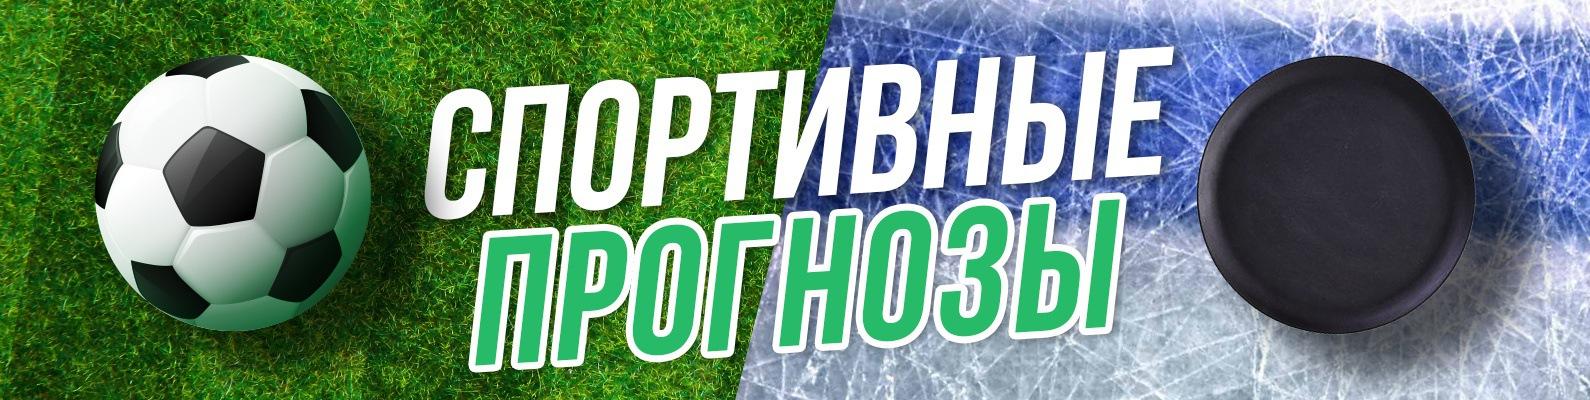 бесплатные прогнозы на футбол и на хоккей